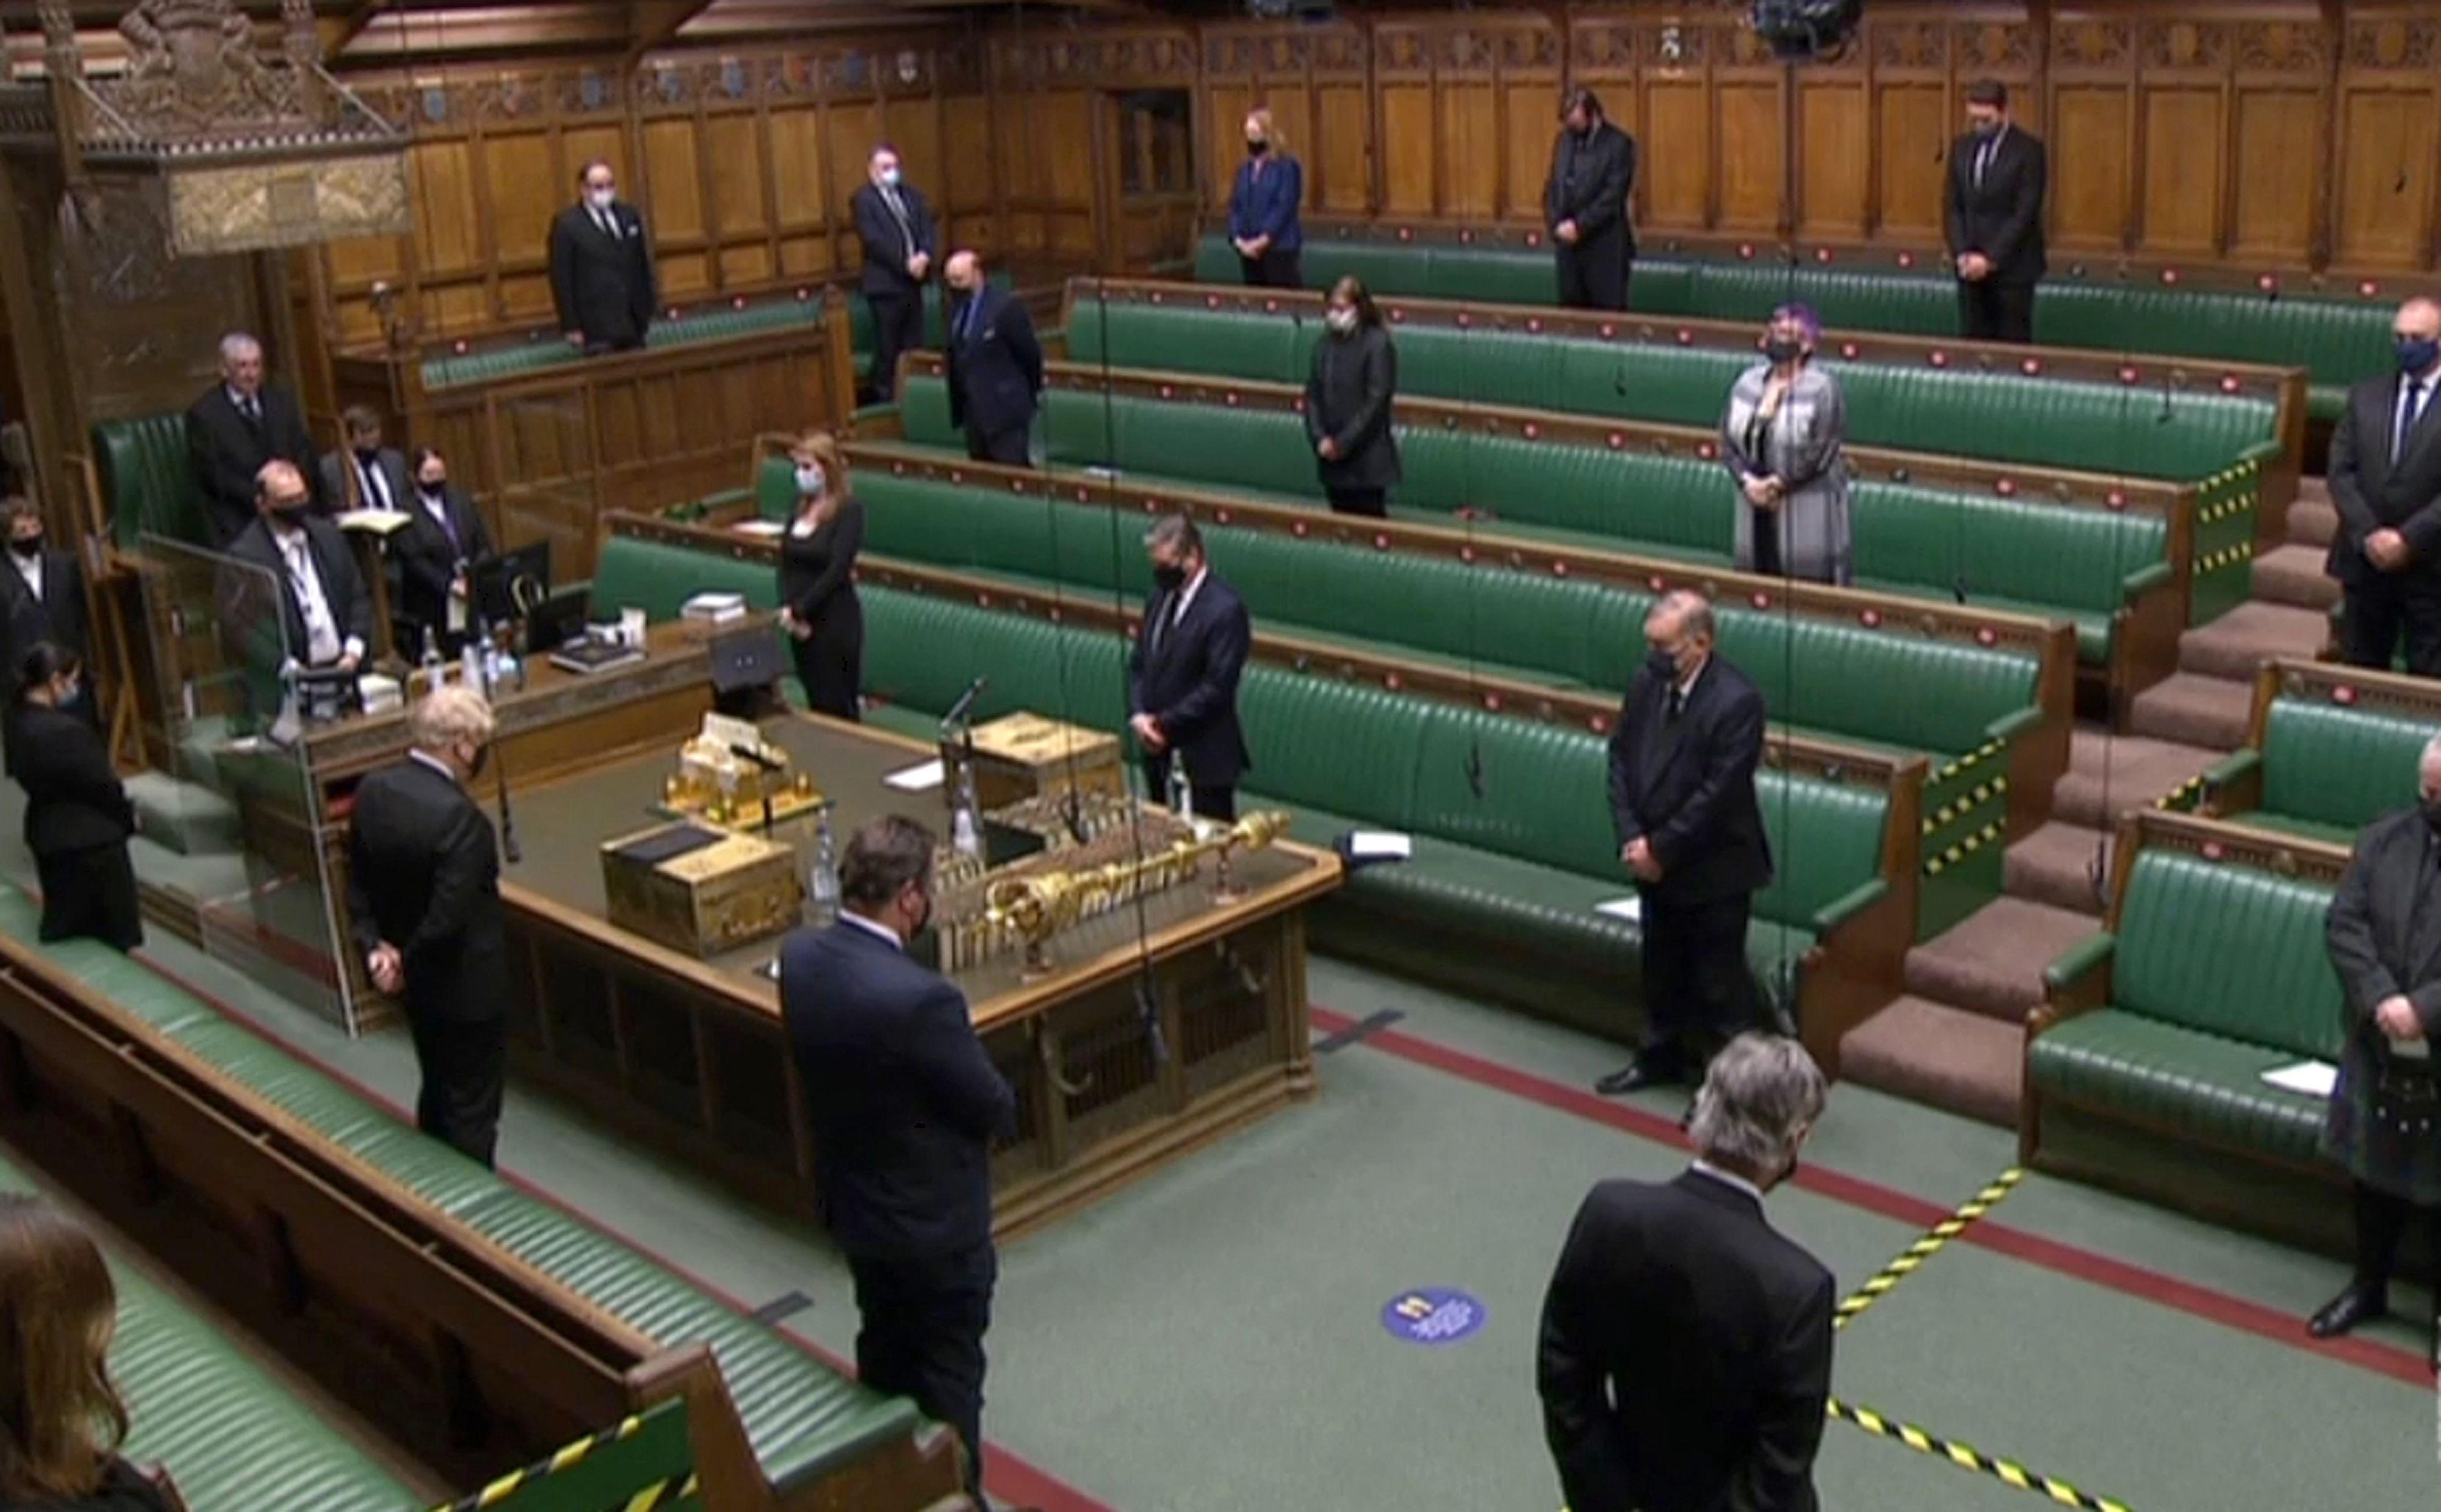 Minuto de silencio en el Parlamento británico en homenaje al duque de Edimburgo.